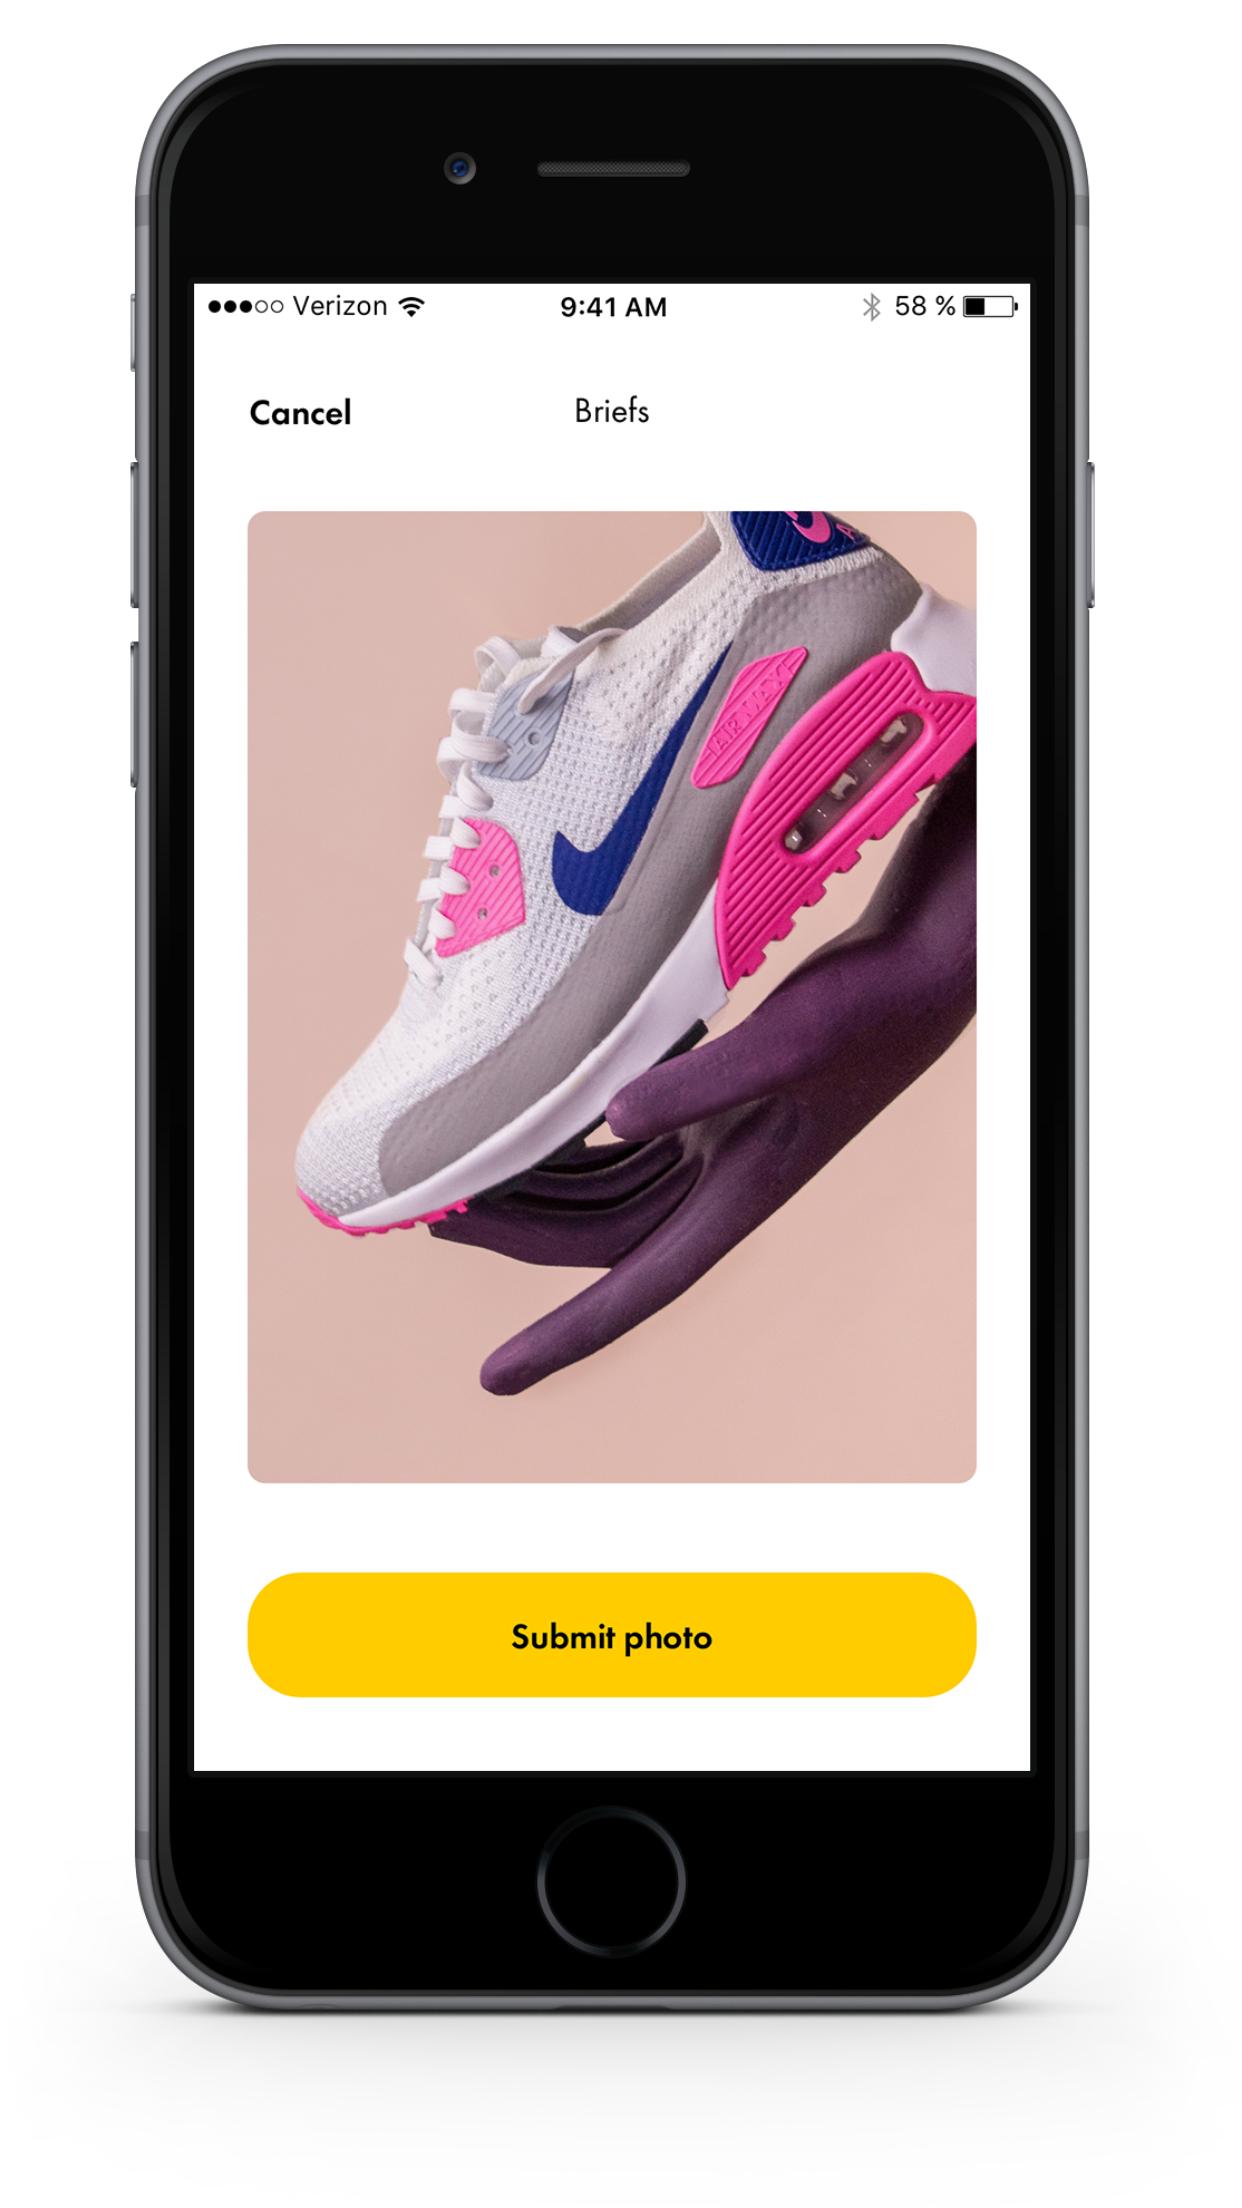 iphone-snapr-for-creators-screeshot-uploads.png